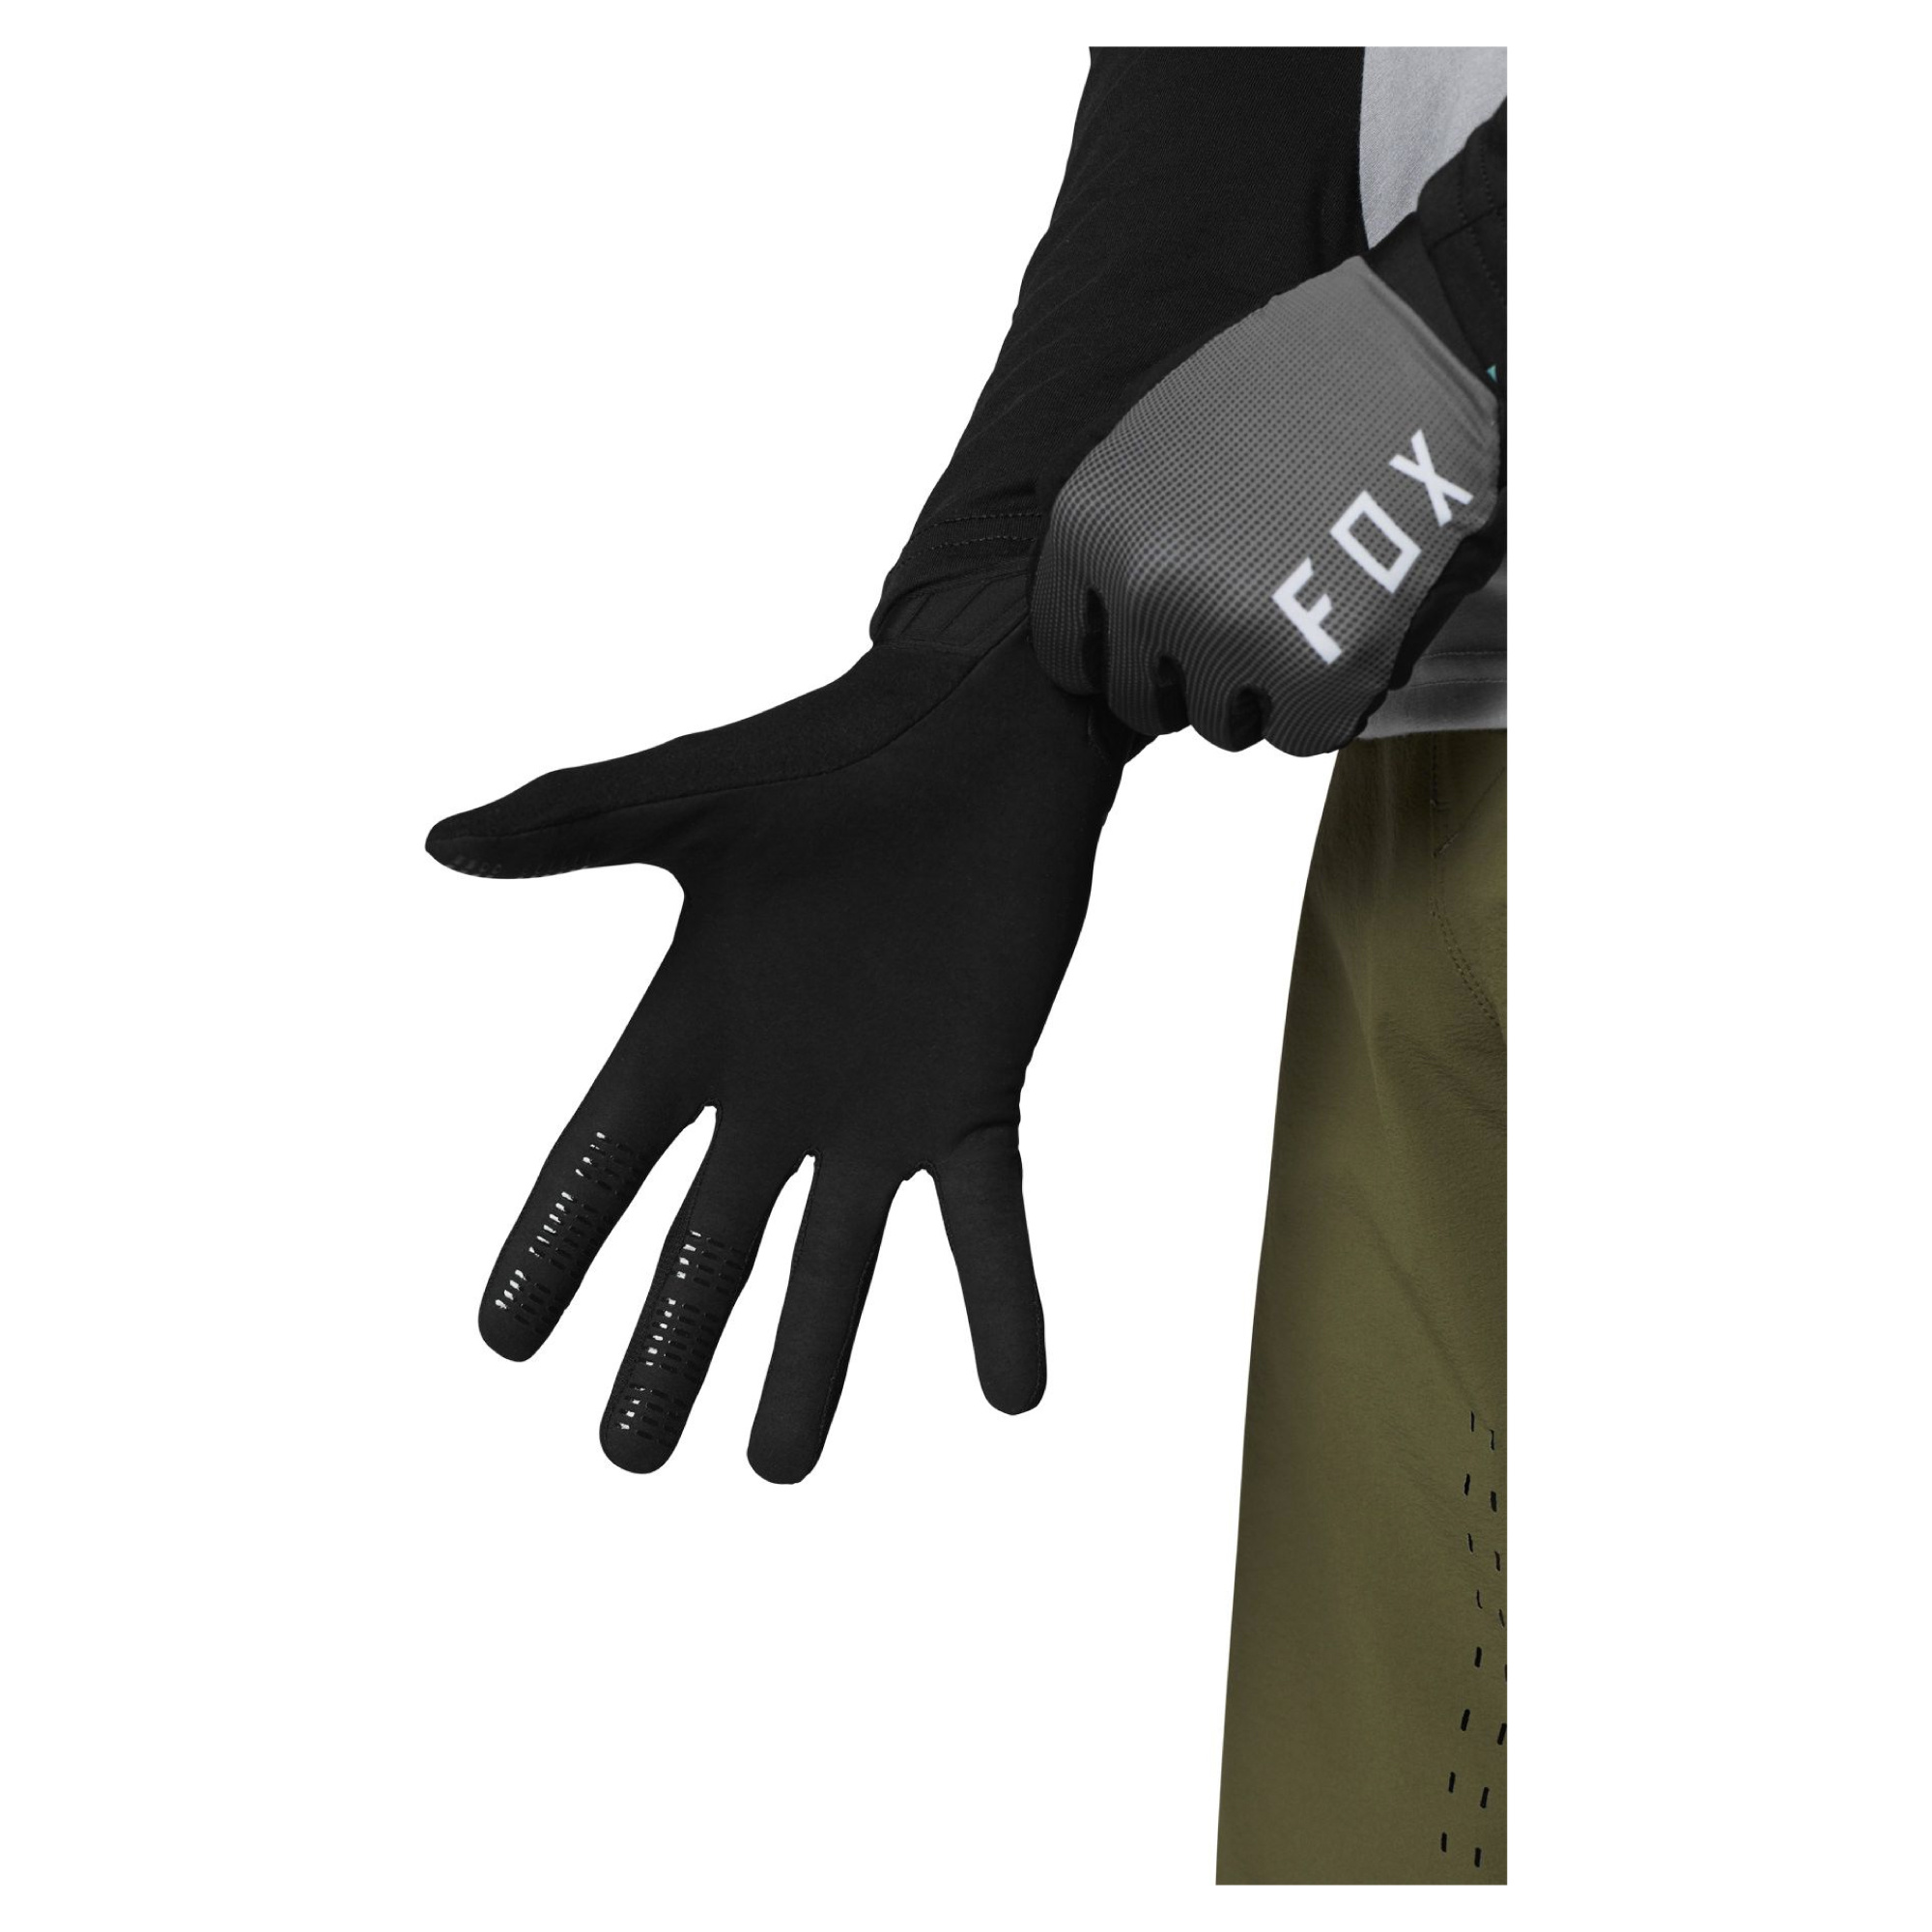 Flexair Ascent Glove 2021-2